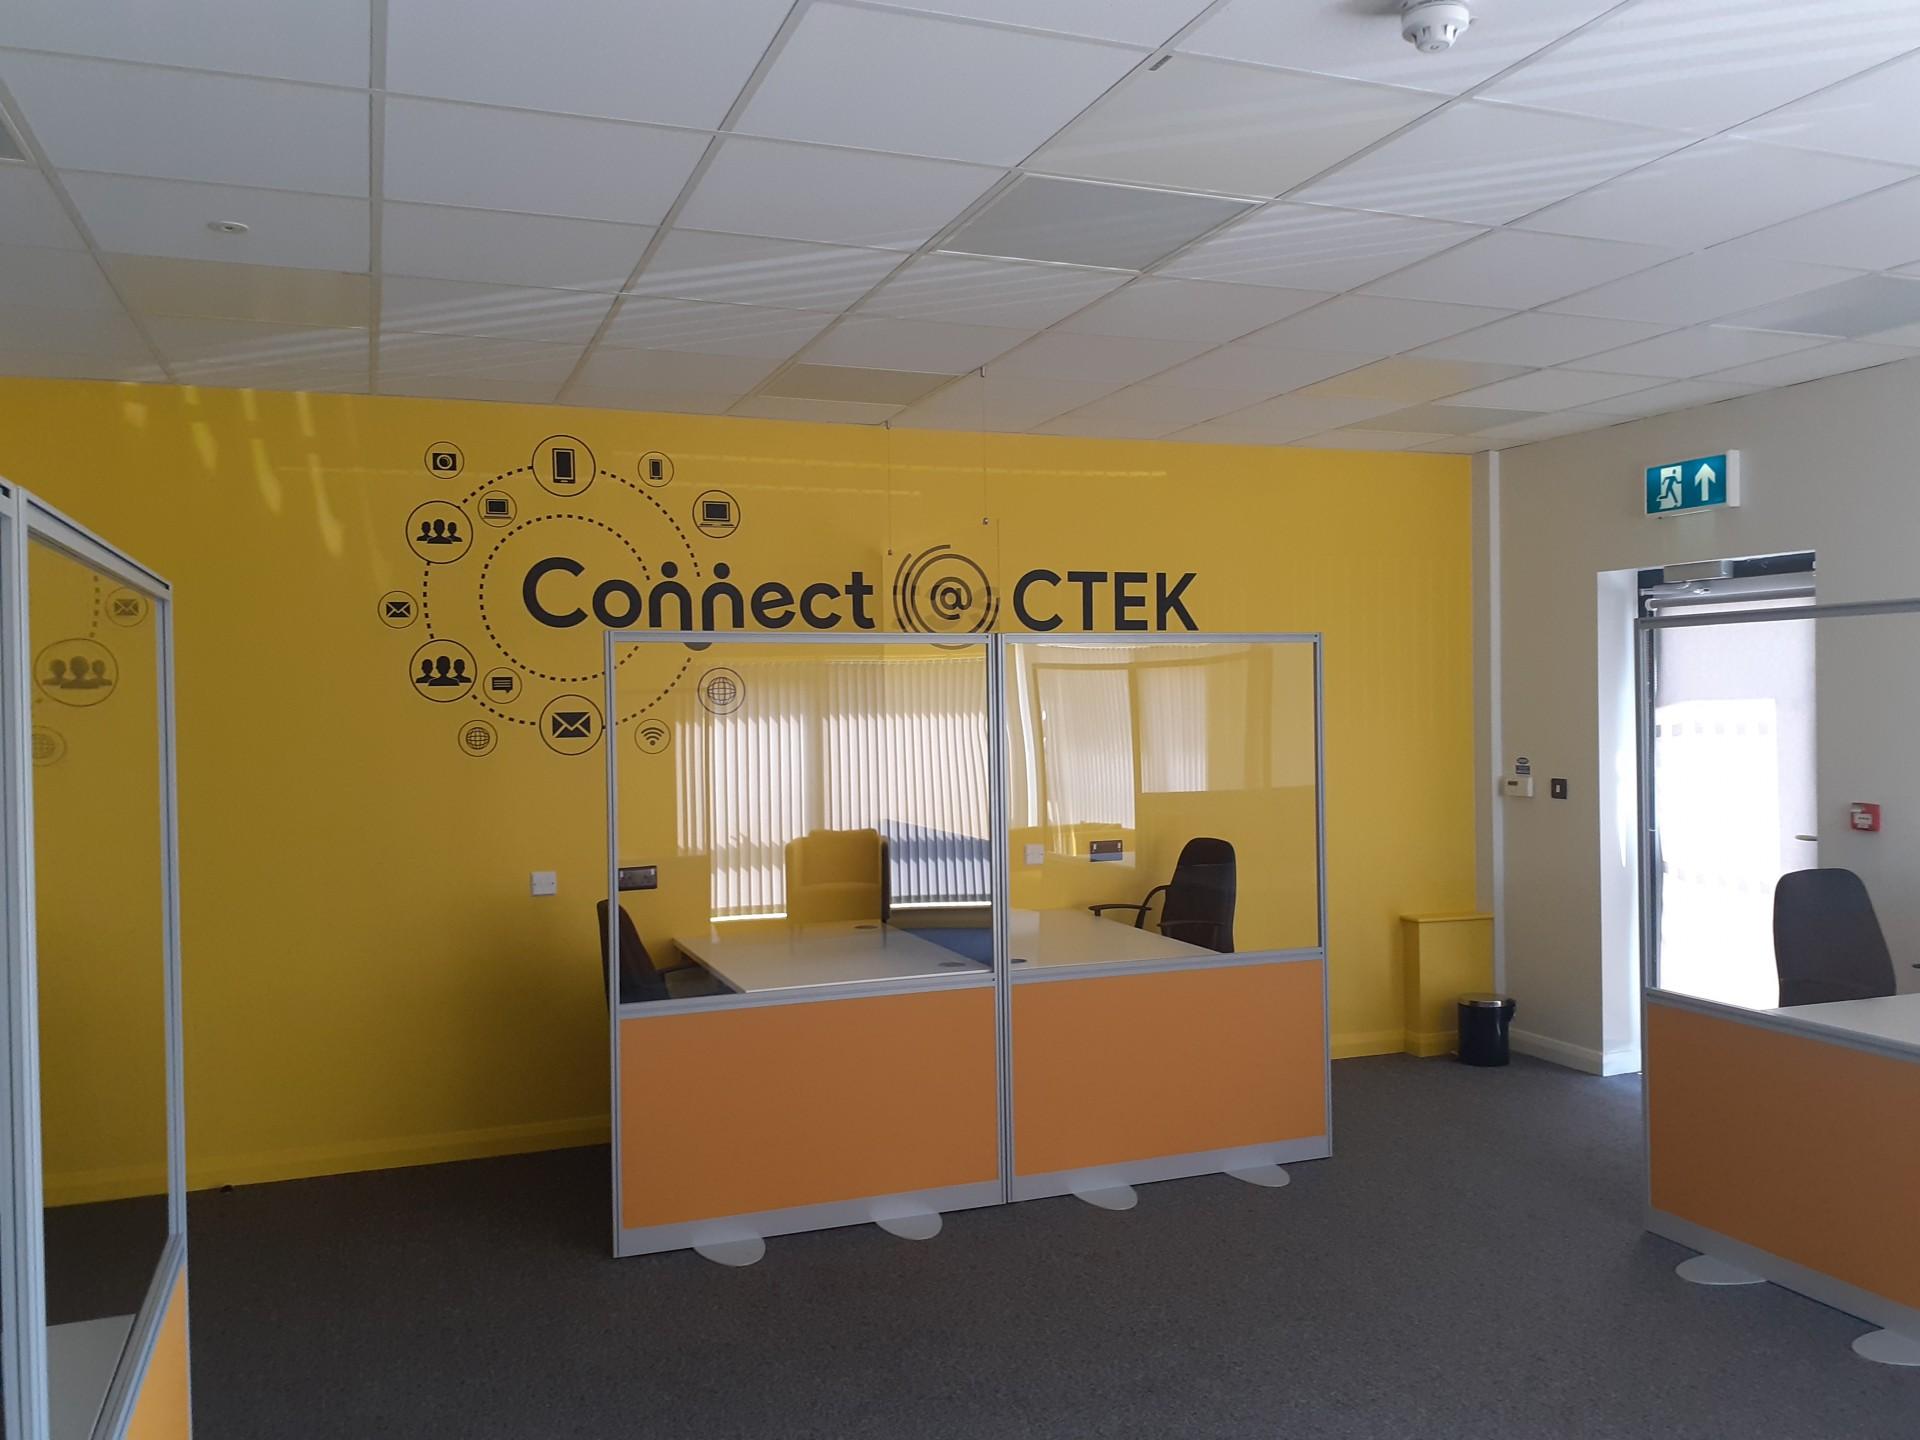 C:TEK Building